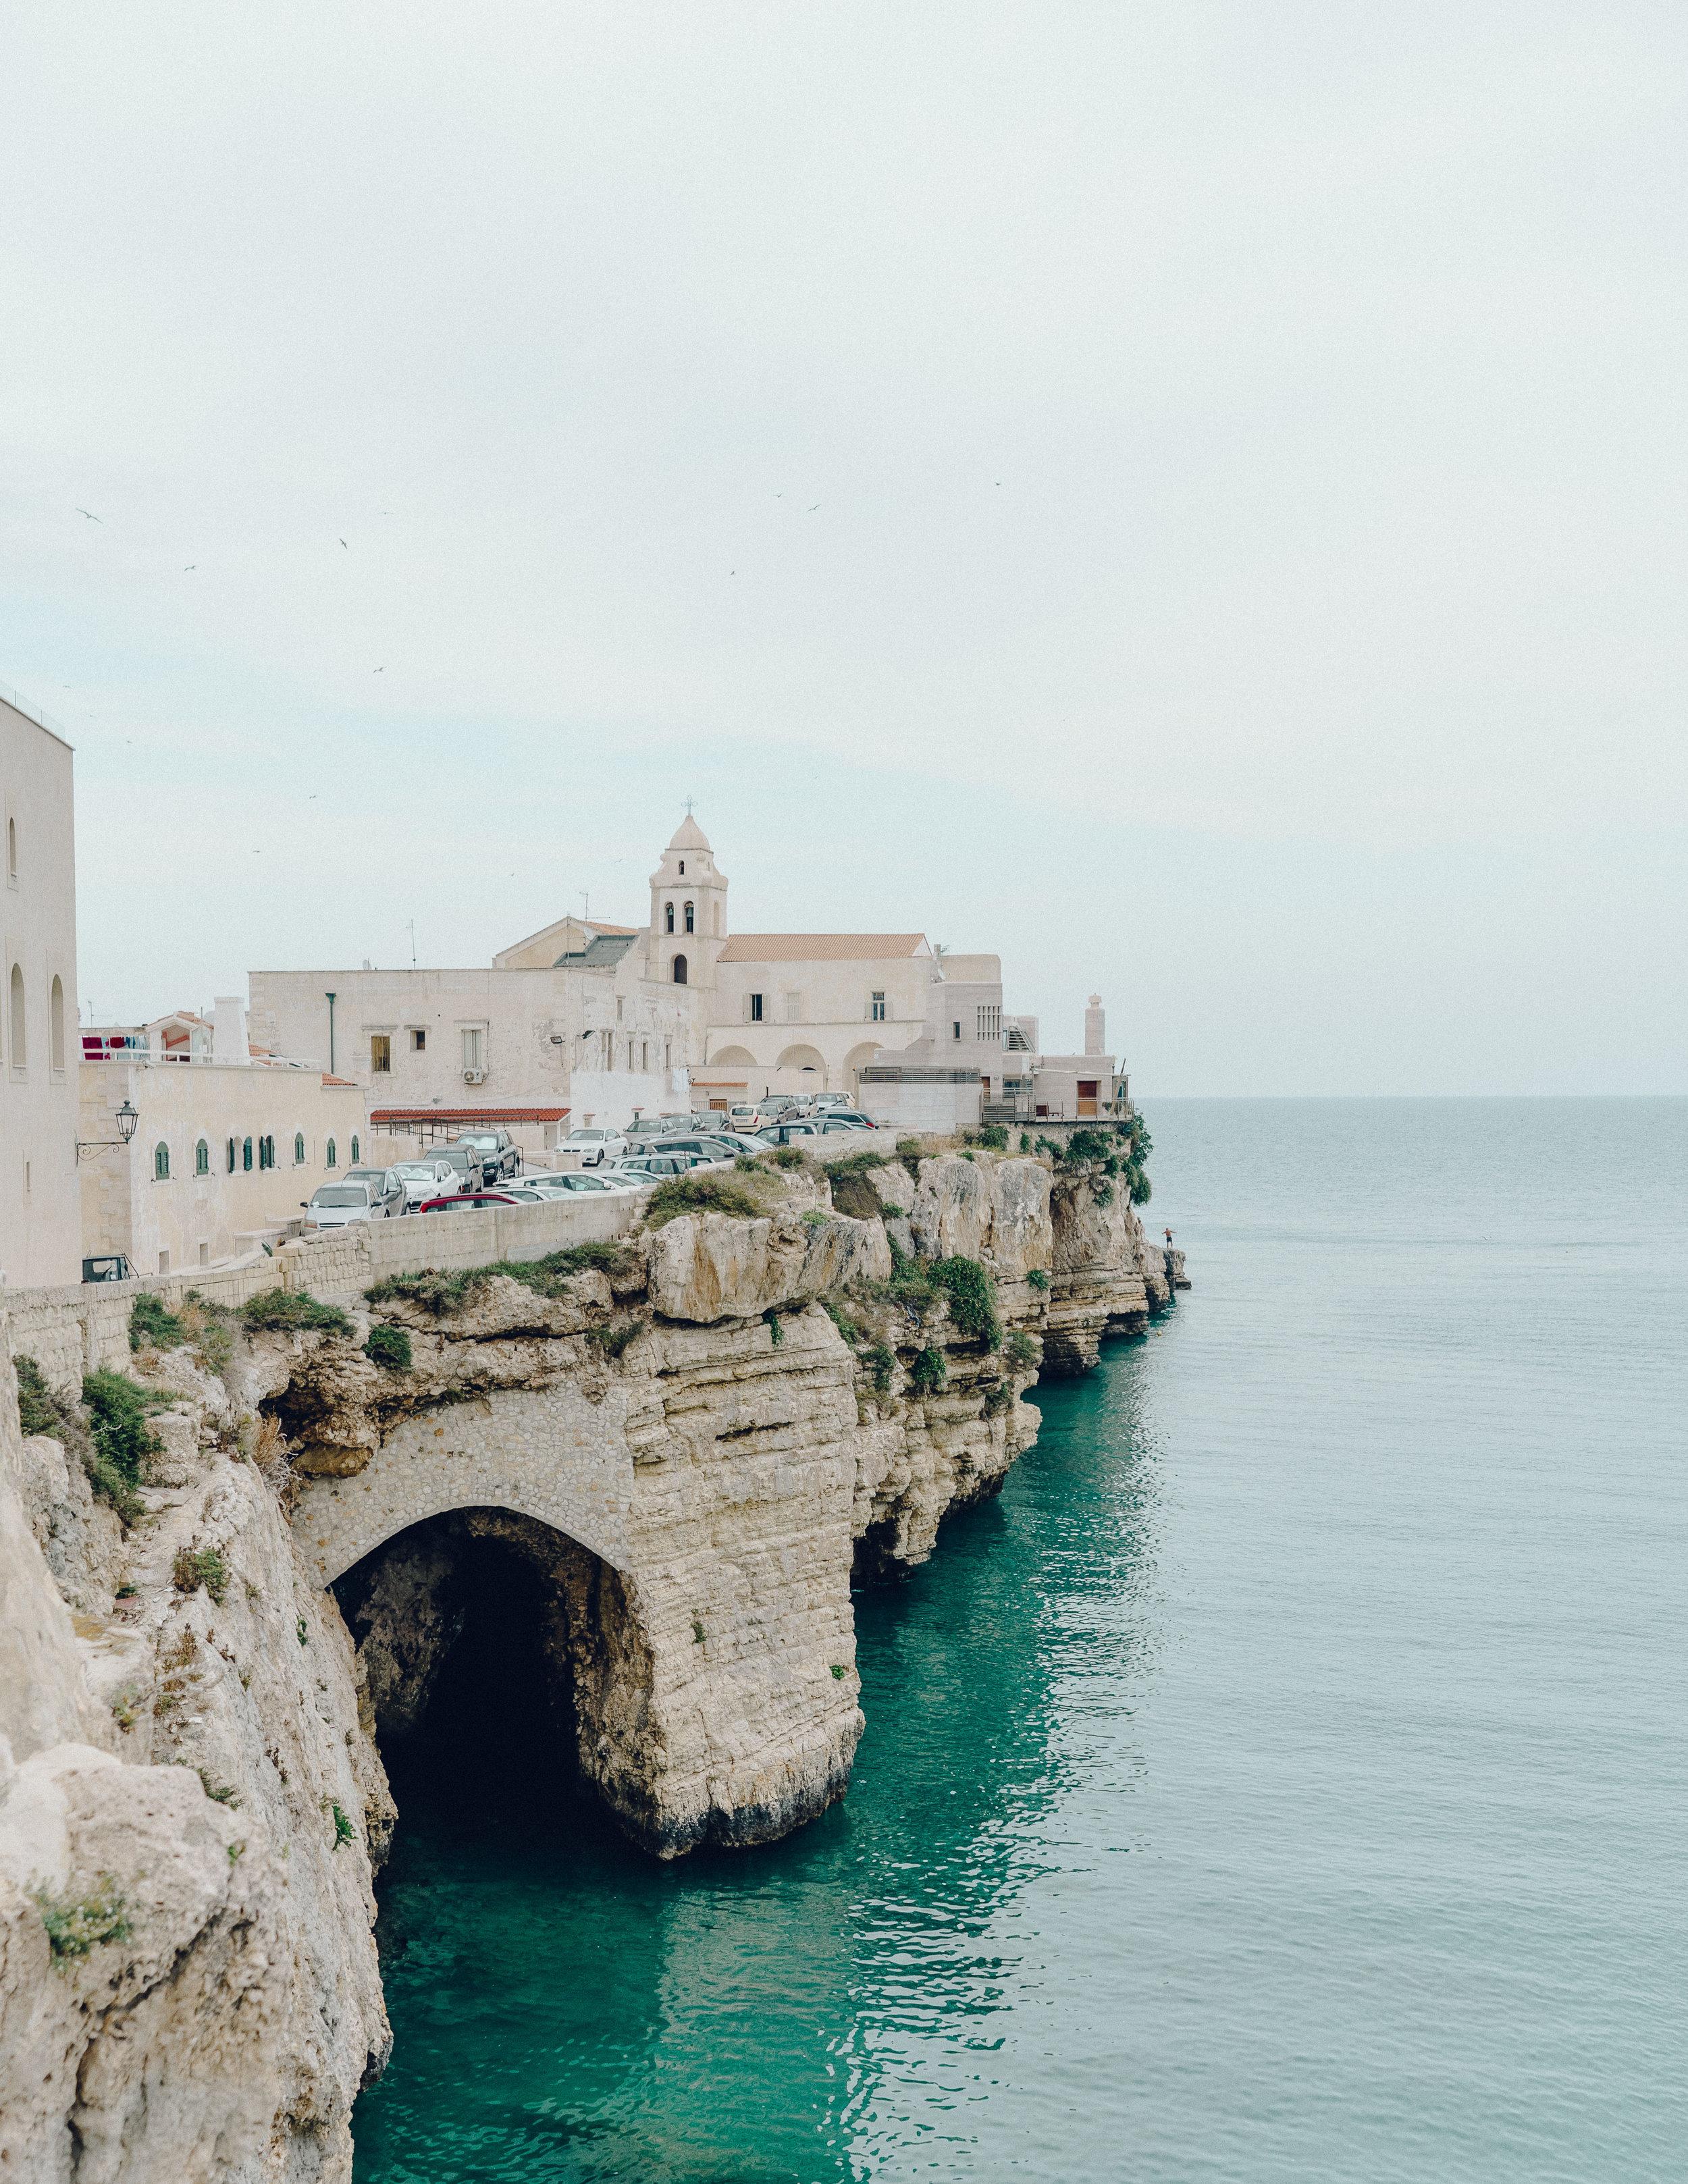 ASROSENVINGE_Roadtrip_Italy_Vieste-06692.jpg